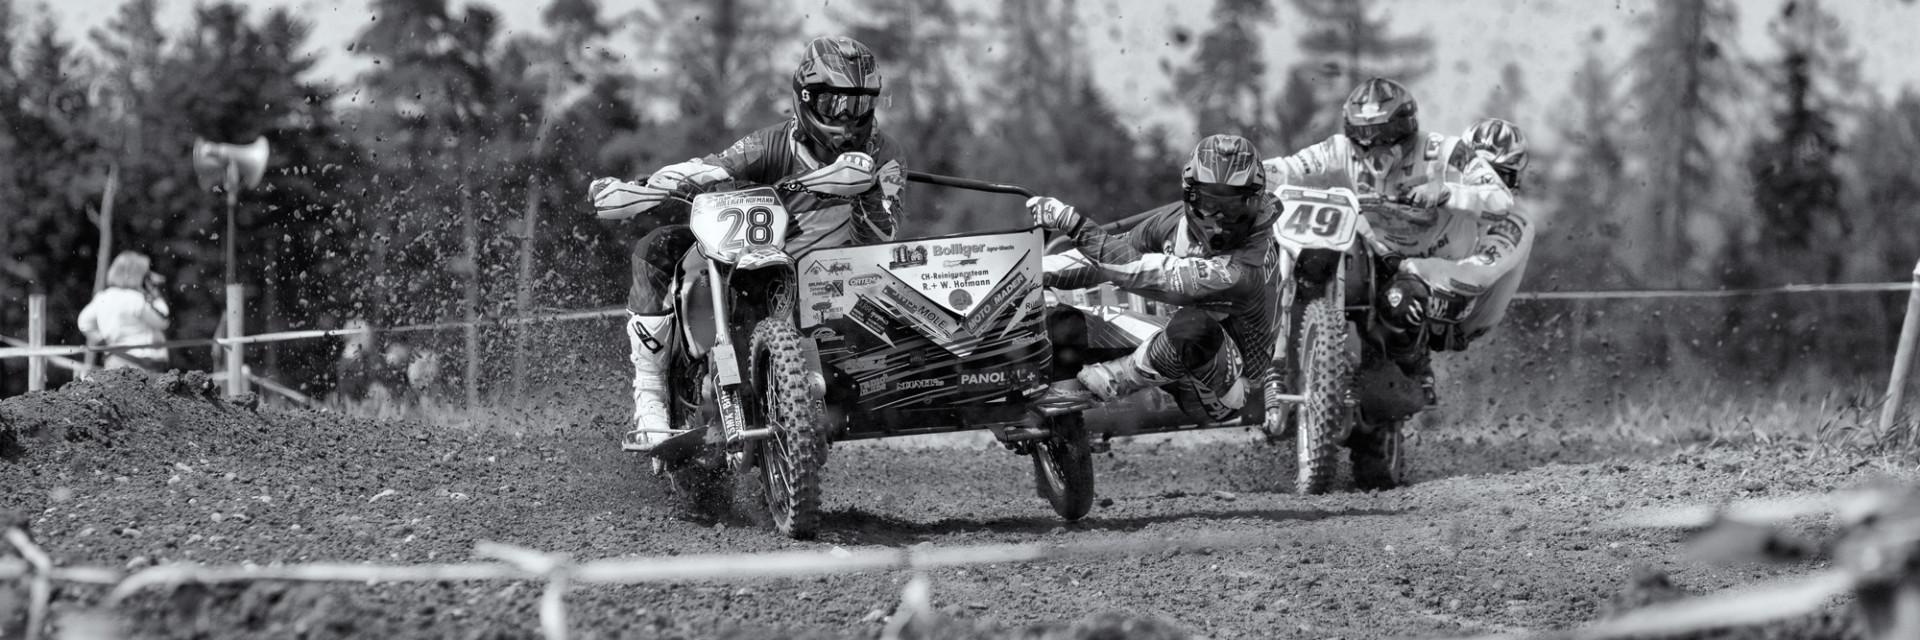 Motocross-Schlatt_20150426_2102-web